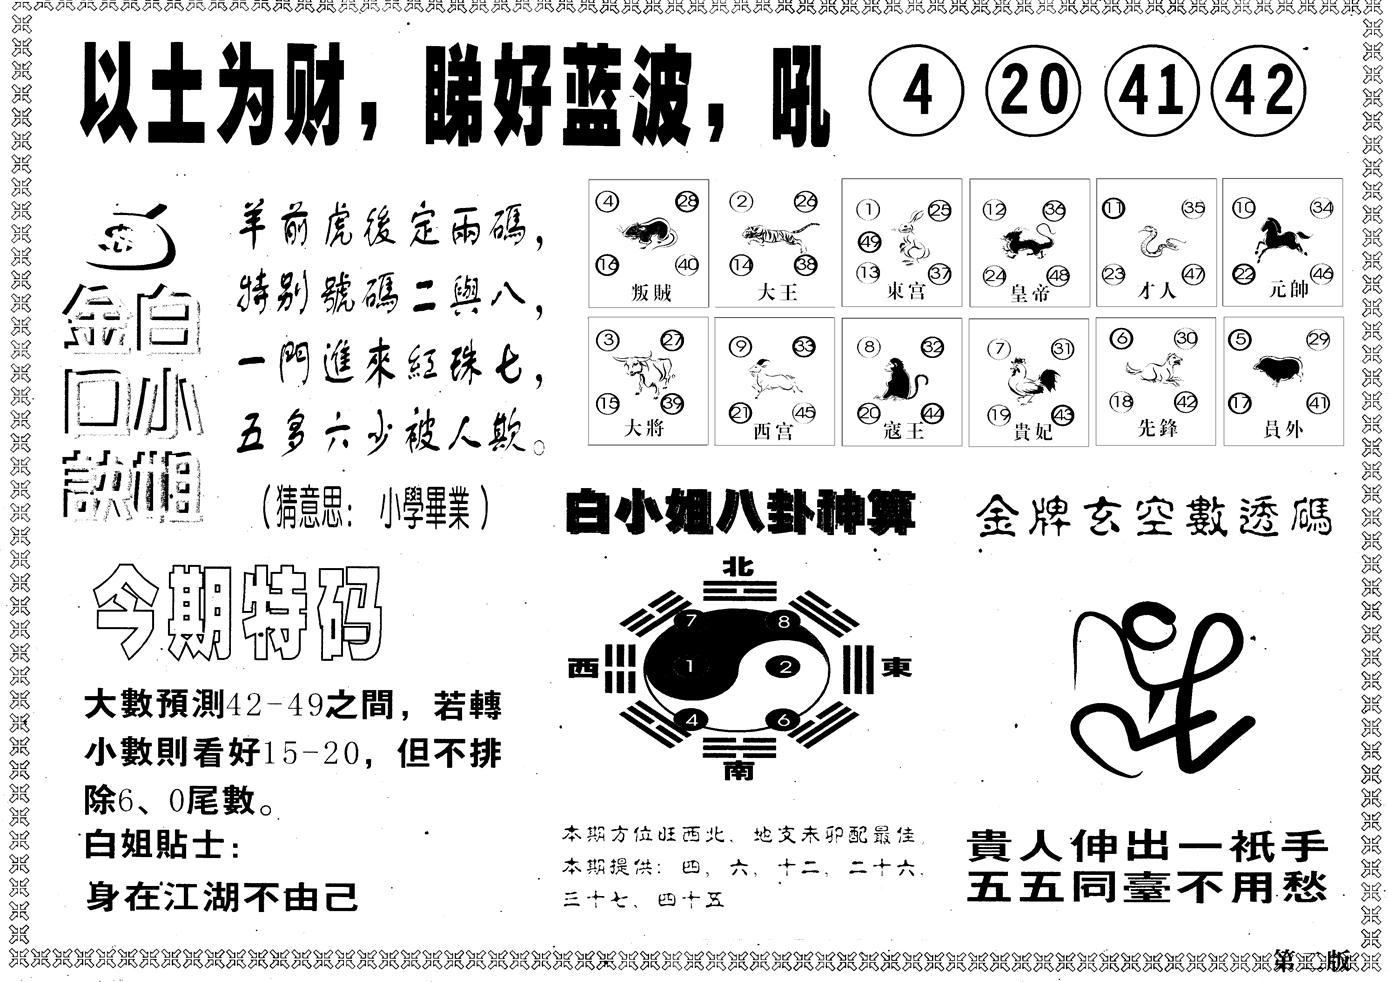 066期另版白姐内幕B(黑白)